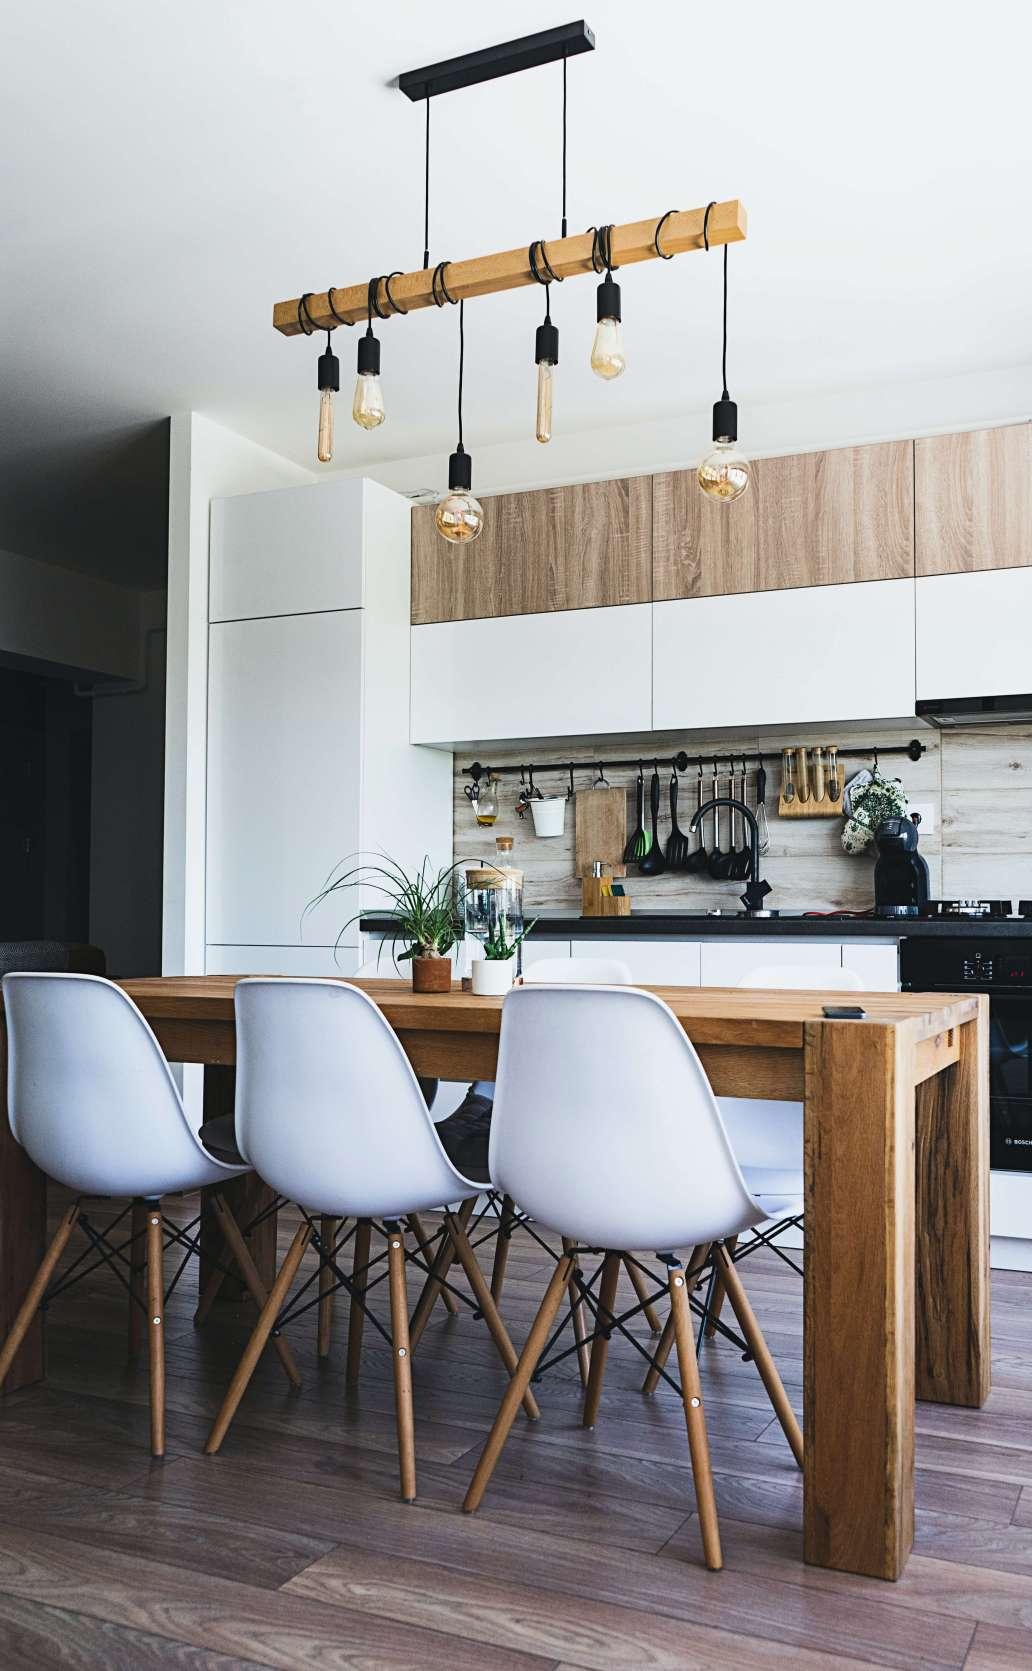 ionut vlad idXQEOxhmvU unsplash 2 1265x2048 - Créer une cuisine lumineuse et agréable, c'est possible !